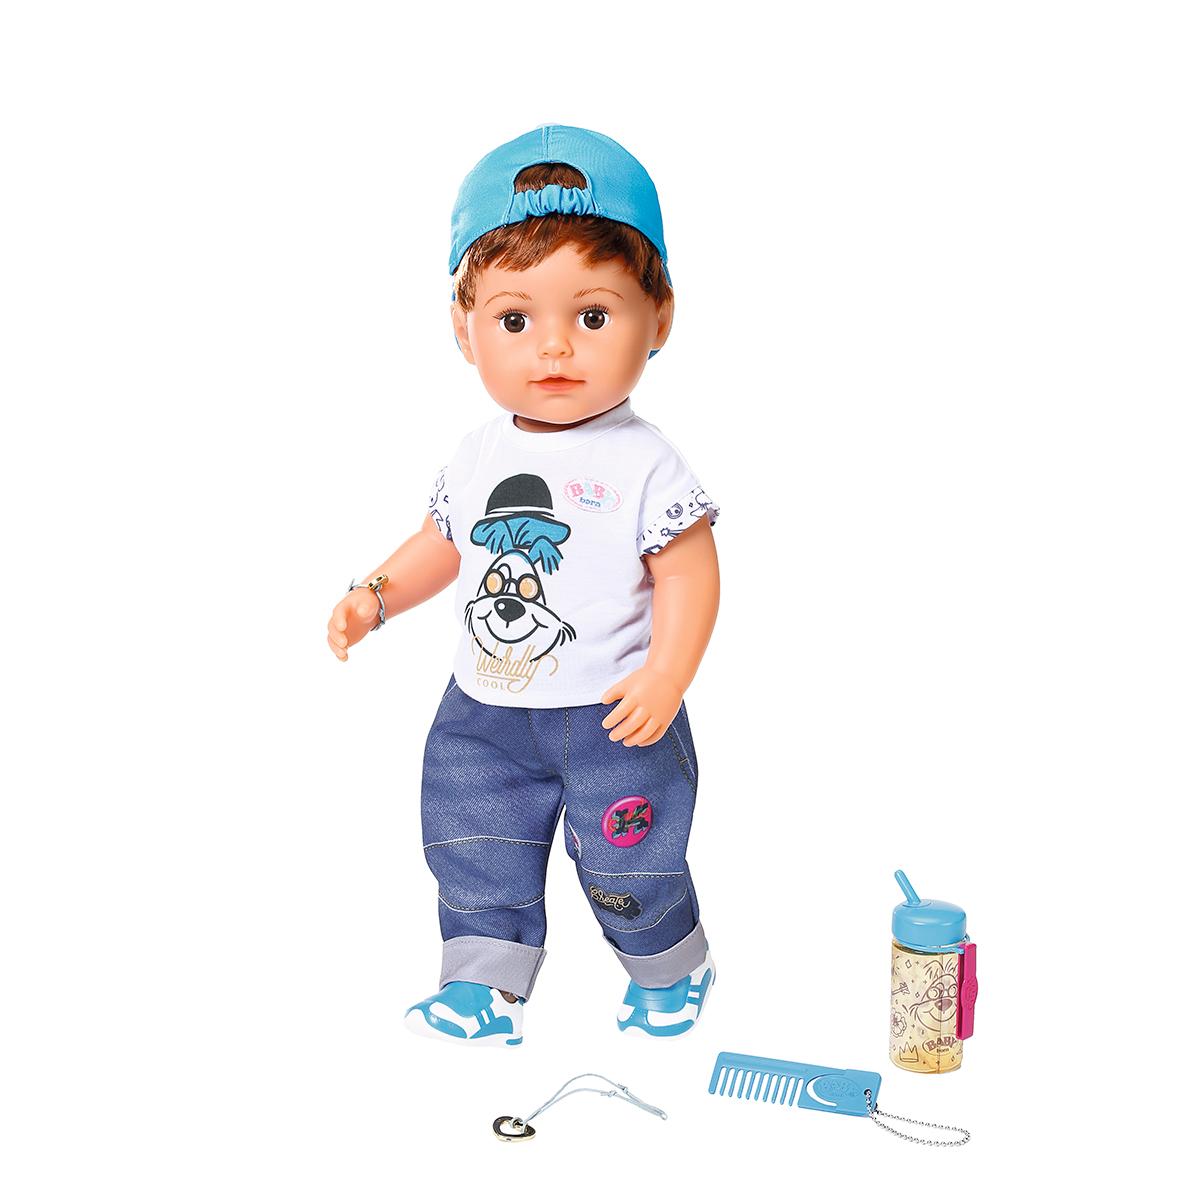 Фото - Кукла Zapf Baby Born Братик 43 см интерактивная кукла zapf creation baby born 43 см 825 938